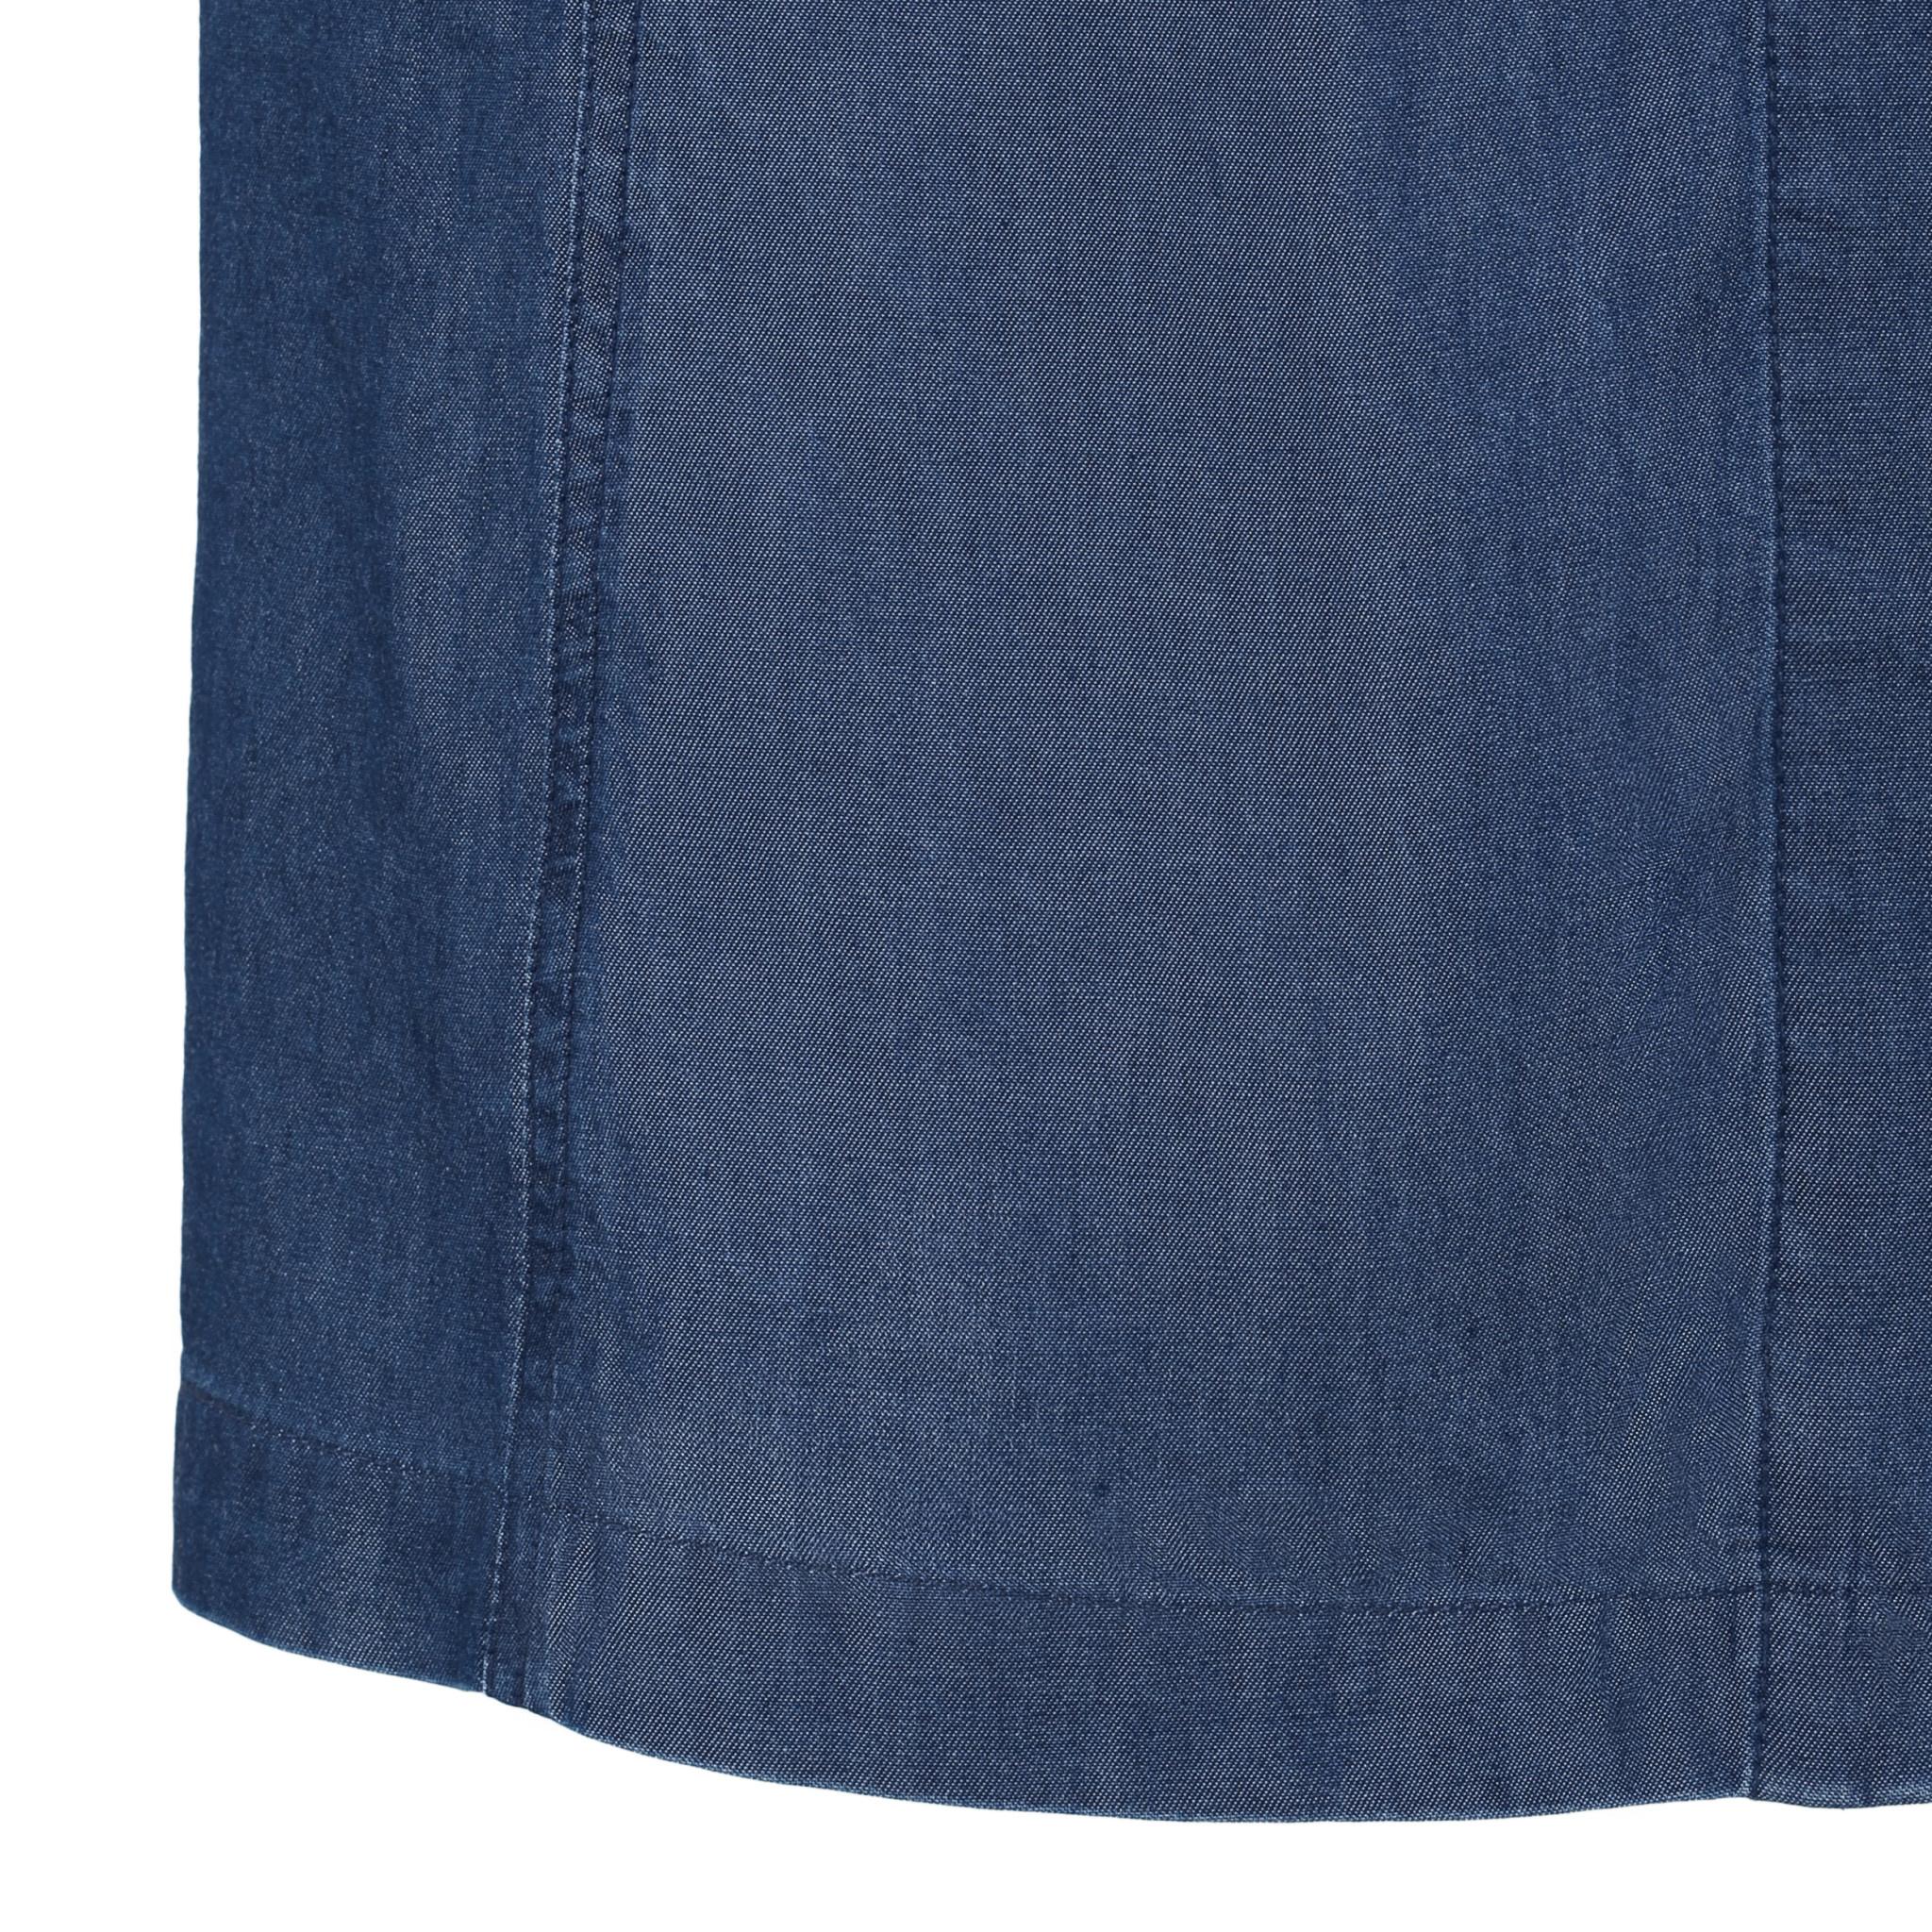 Soft Rebels Valeria Midi Skirt